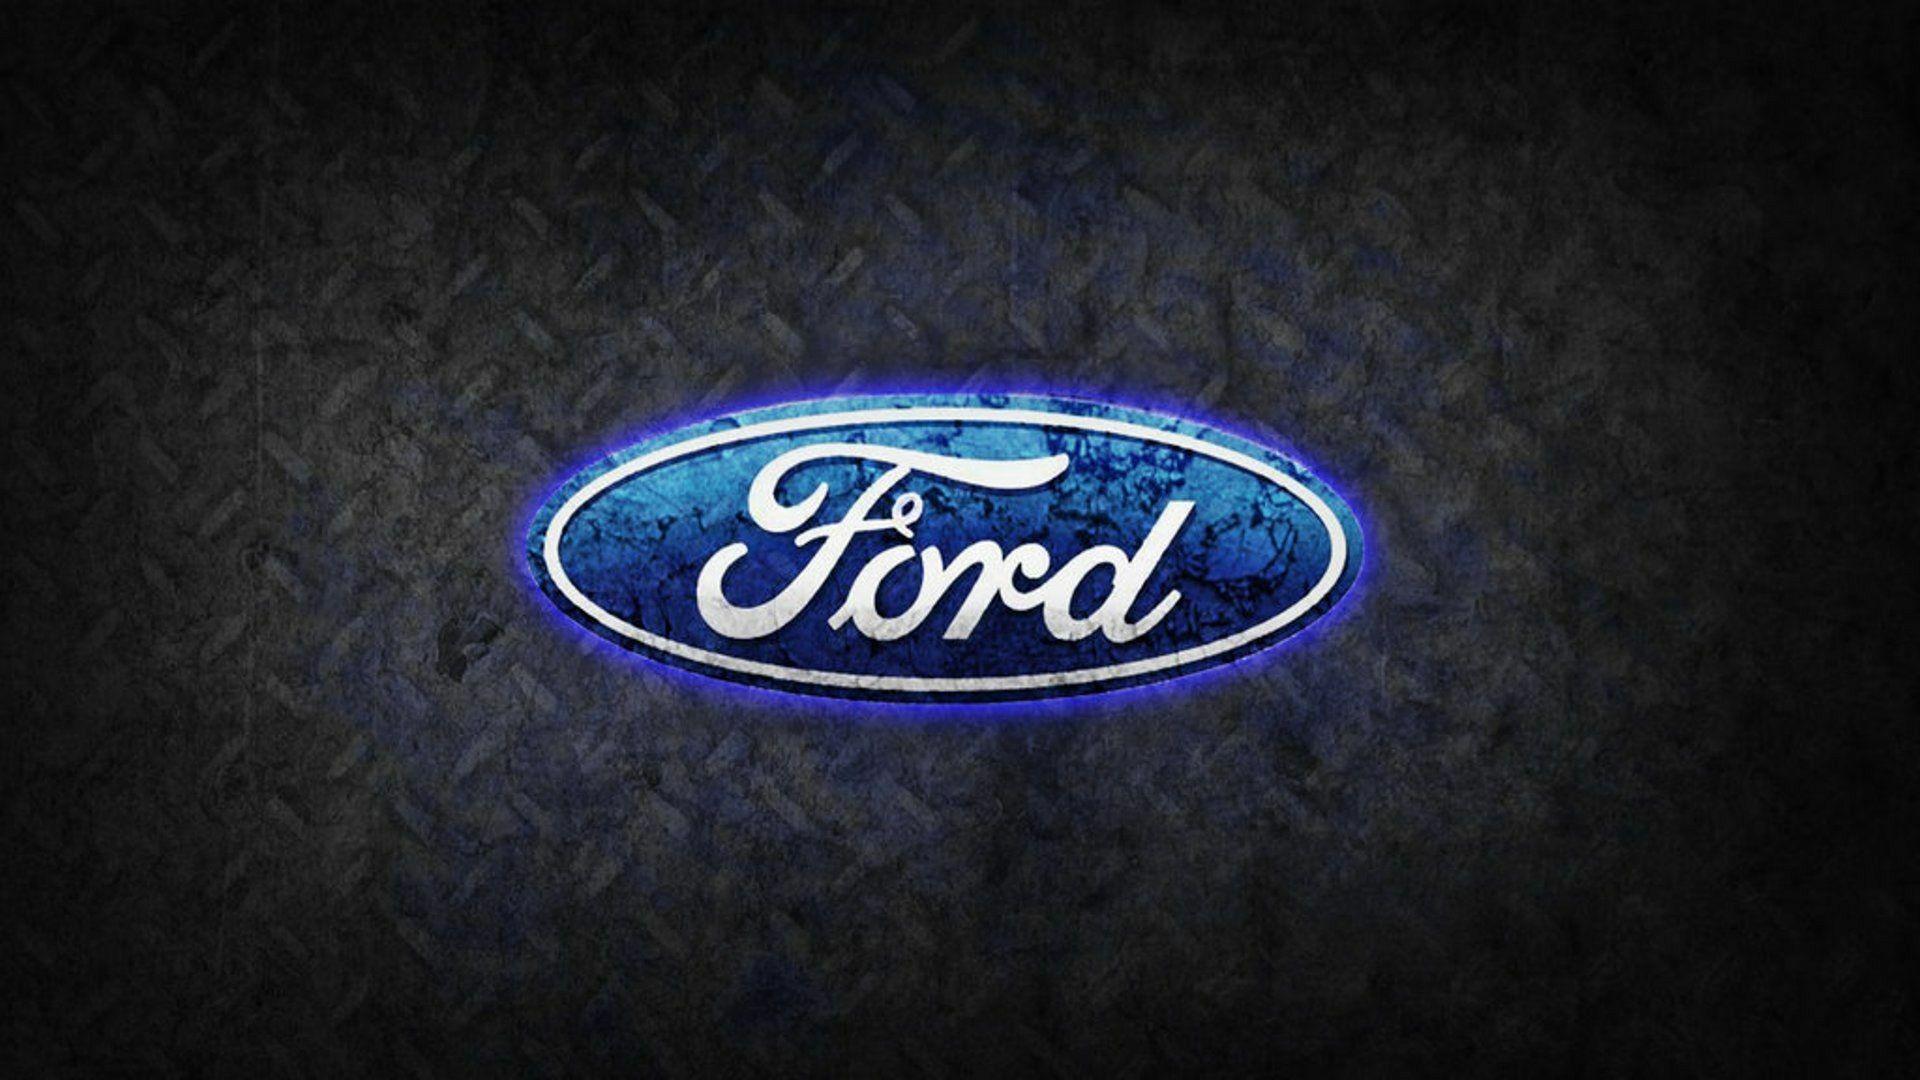 Pin By Diego Godoy On Autok Es Motorok In 2020 Ford Logo Logo Wallpaper Hd Ford